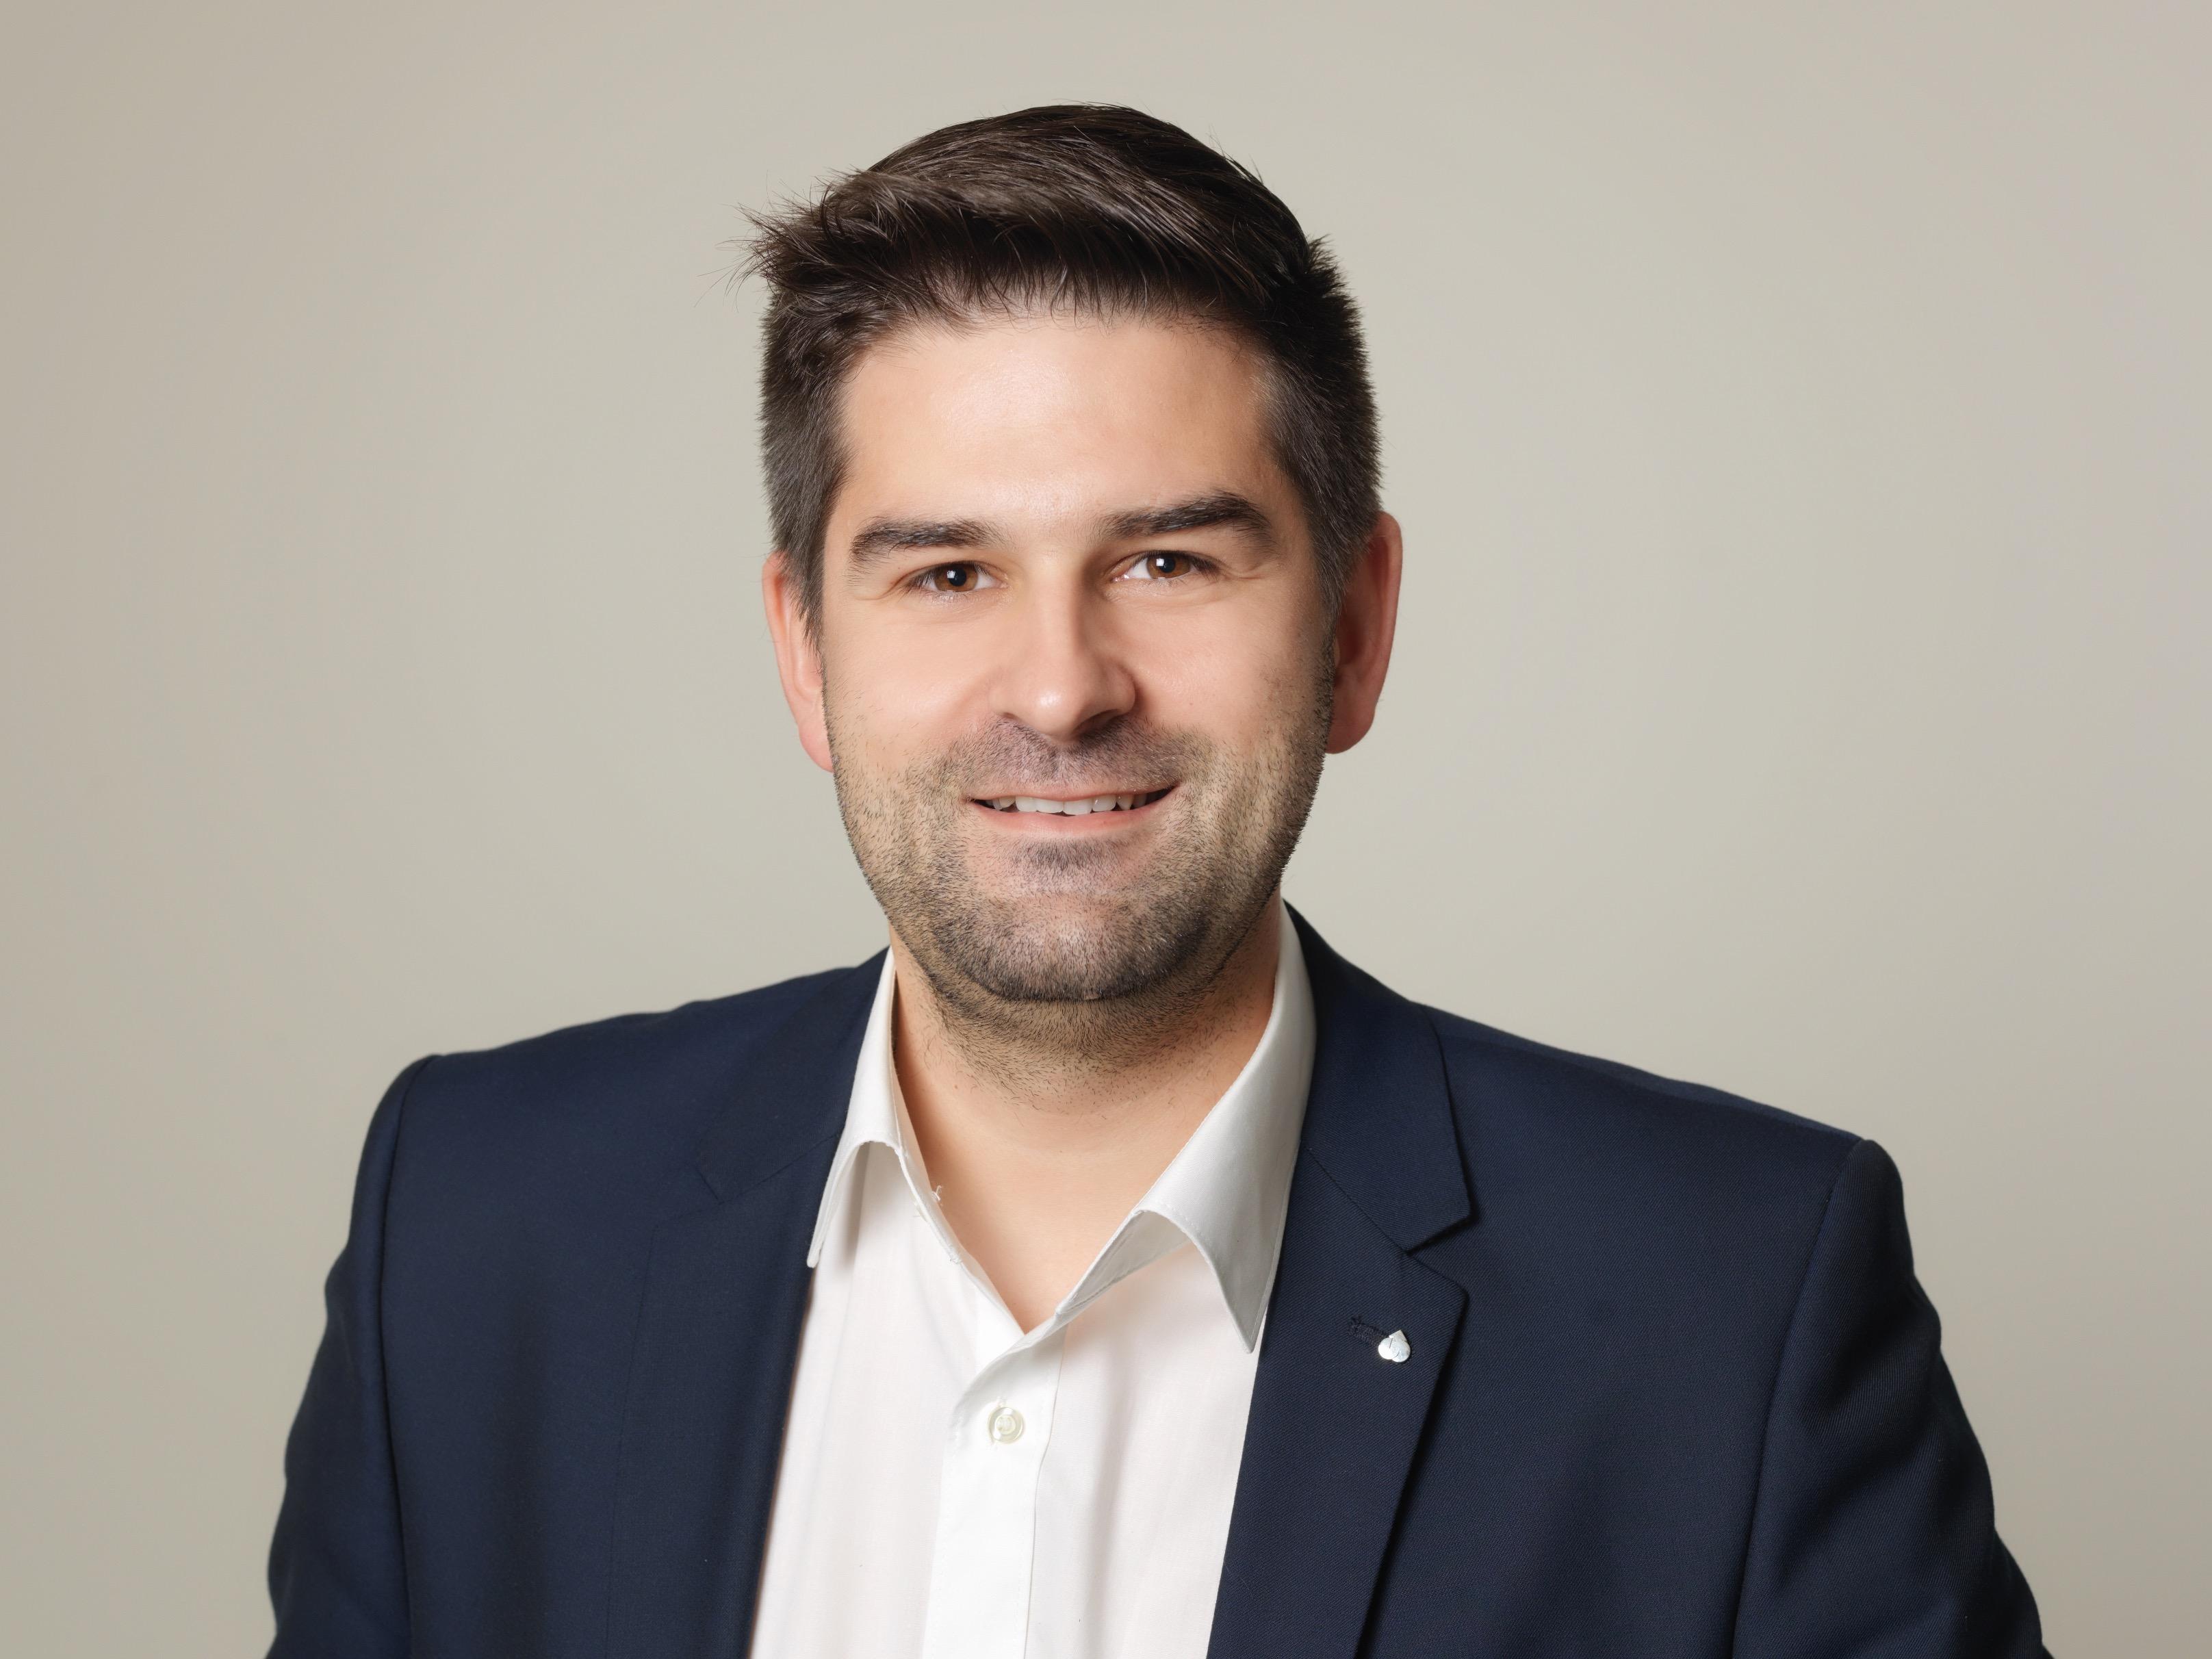 Neuer Geschäftsführer bei Hödlmayr High & Heavy